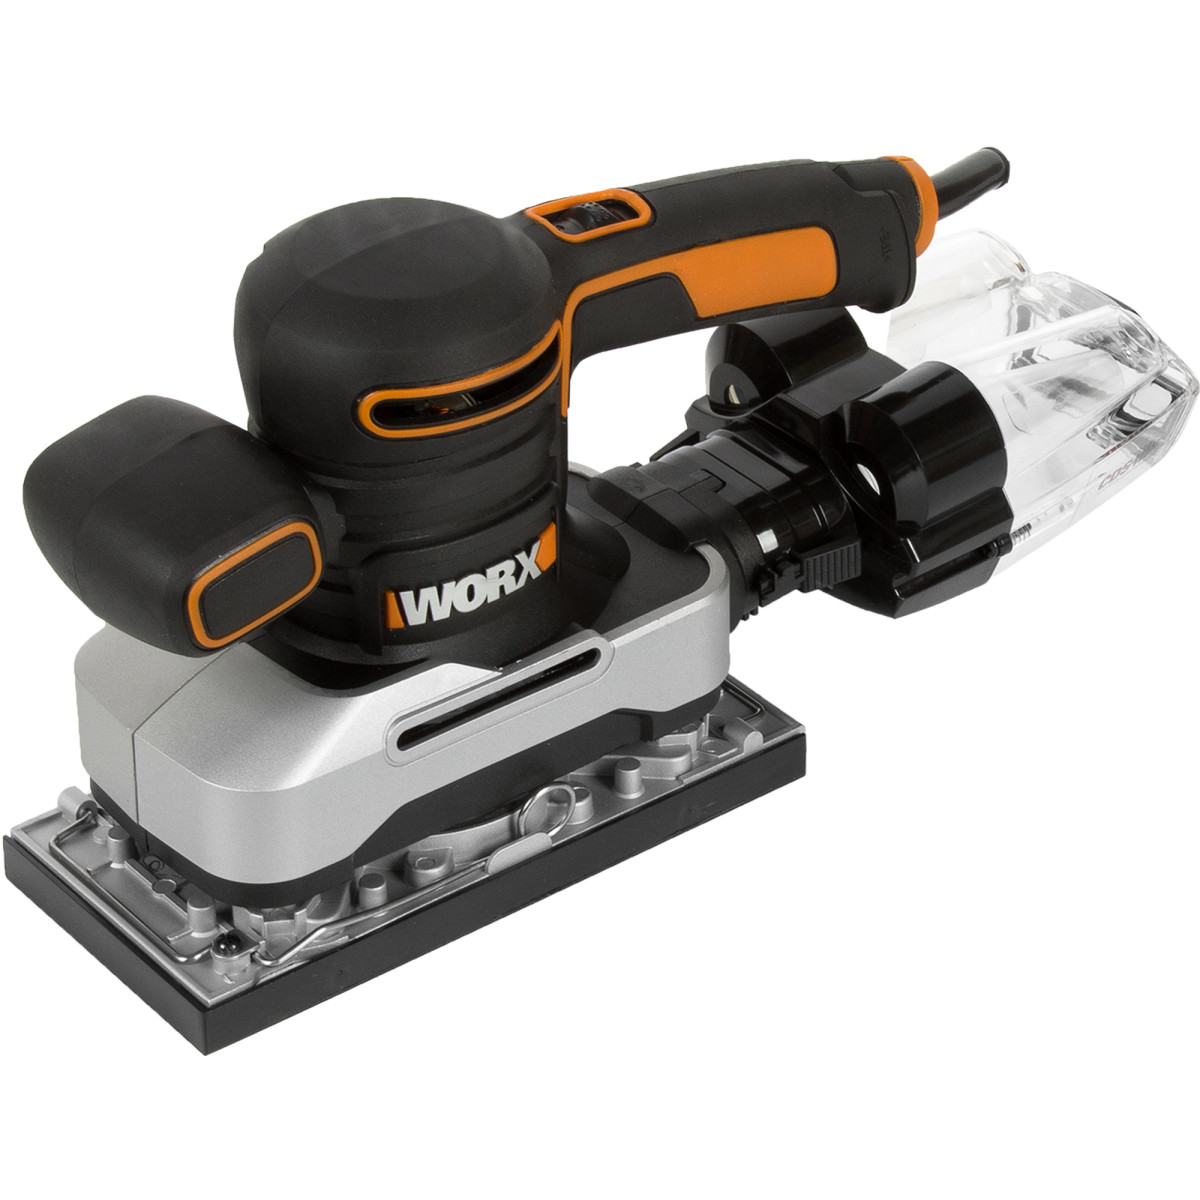 Вибрационная шлифмашина Worx WX642.1 270 Вт